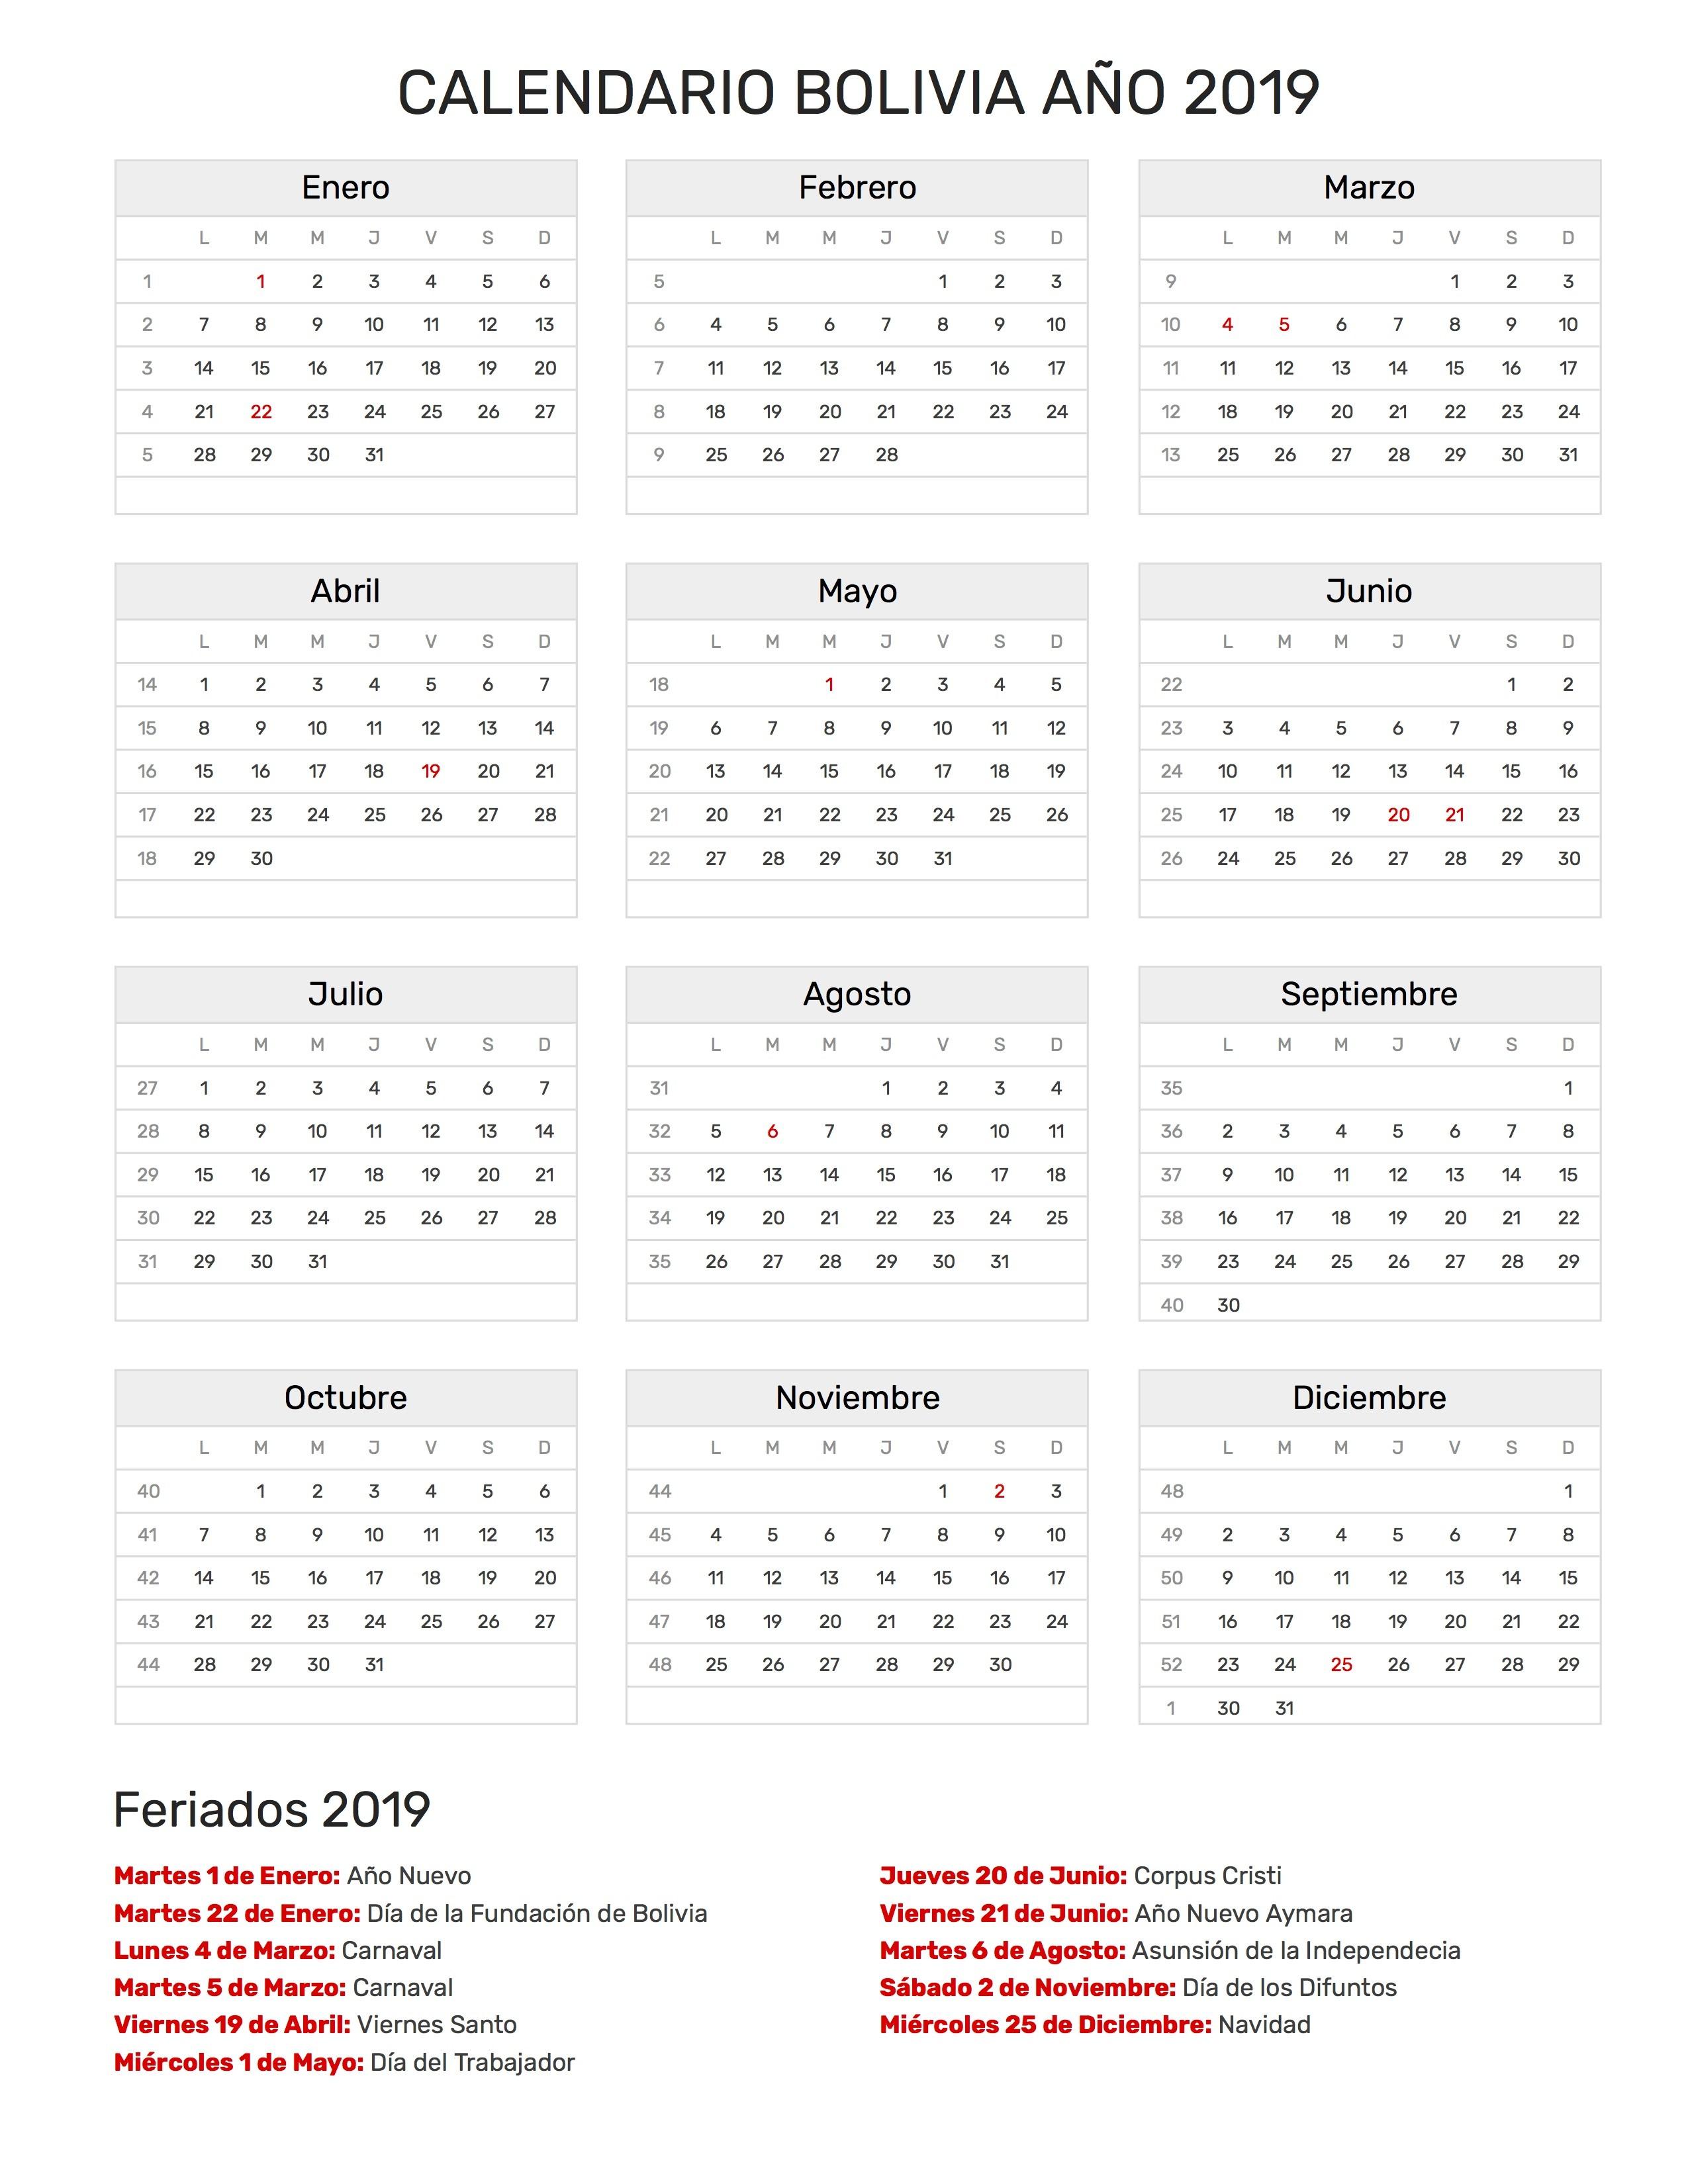 Calendario Fiestas Abril 2019 Más Recientemente Liberado Calendario Bolivia A±o 2019 Of Calendario Fiestas Abril 2019 Más Recientemente Liberado Sport